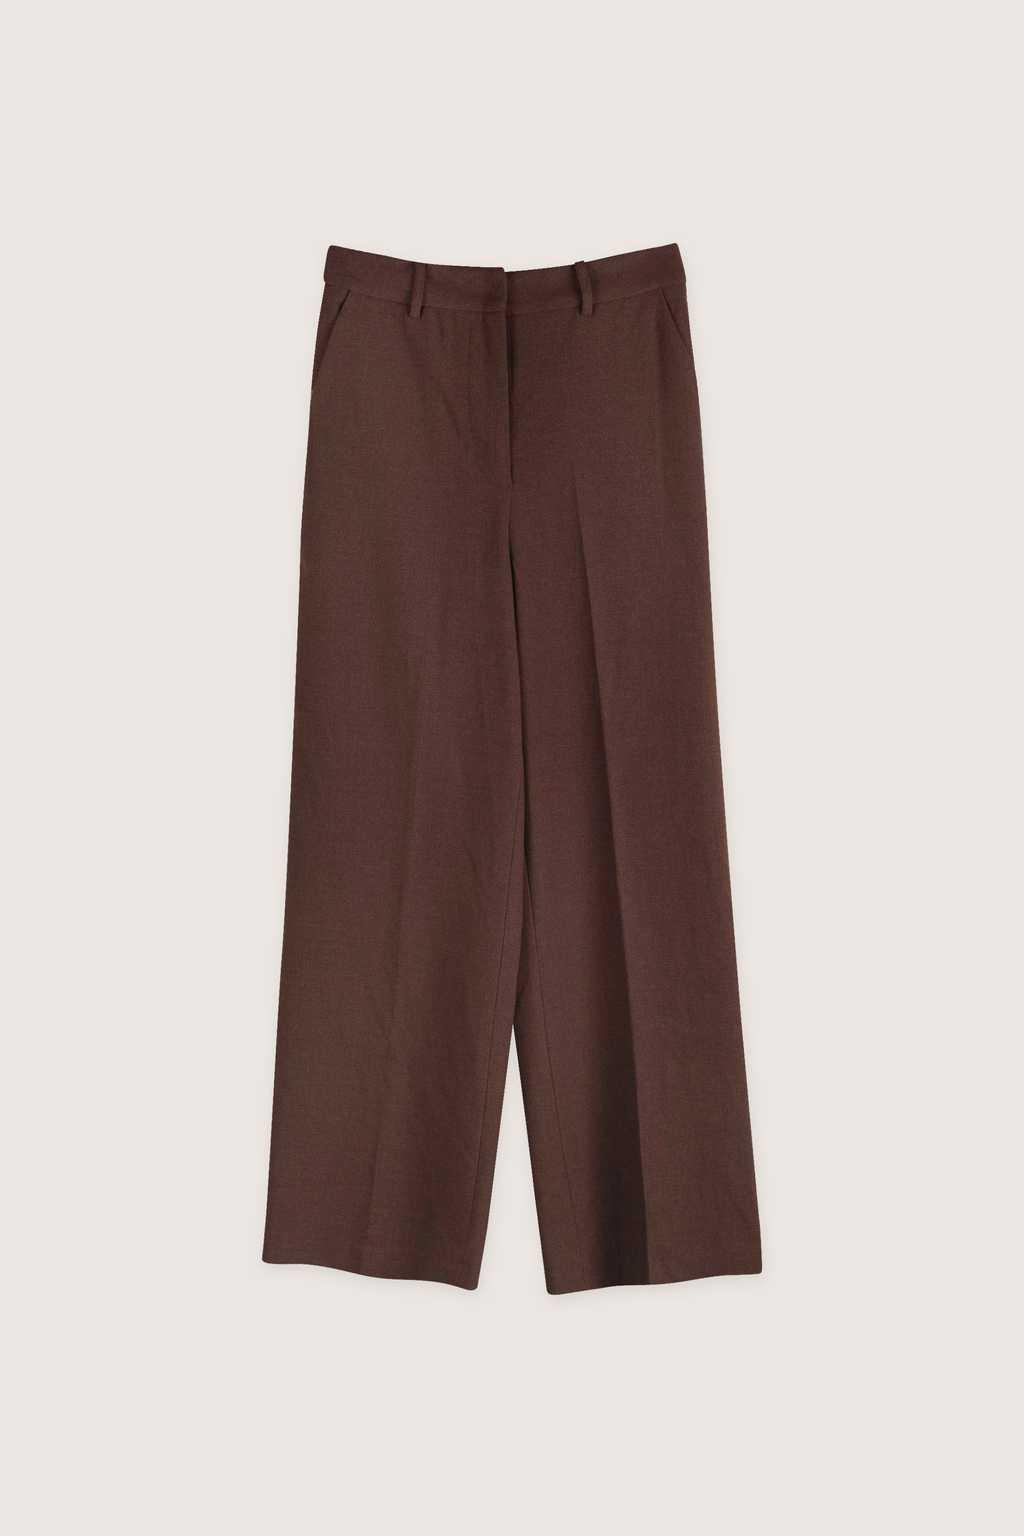 Pant H309 Brown 5